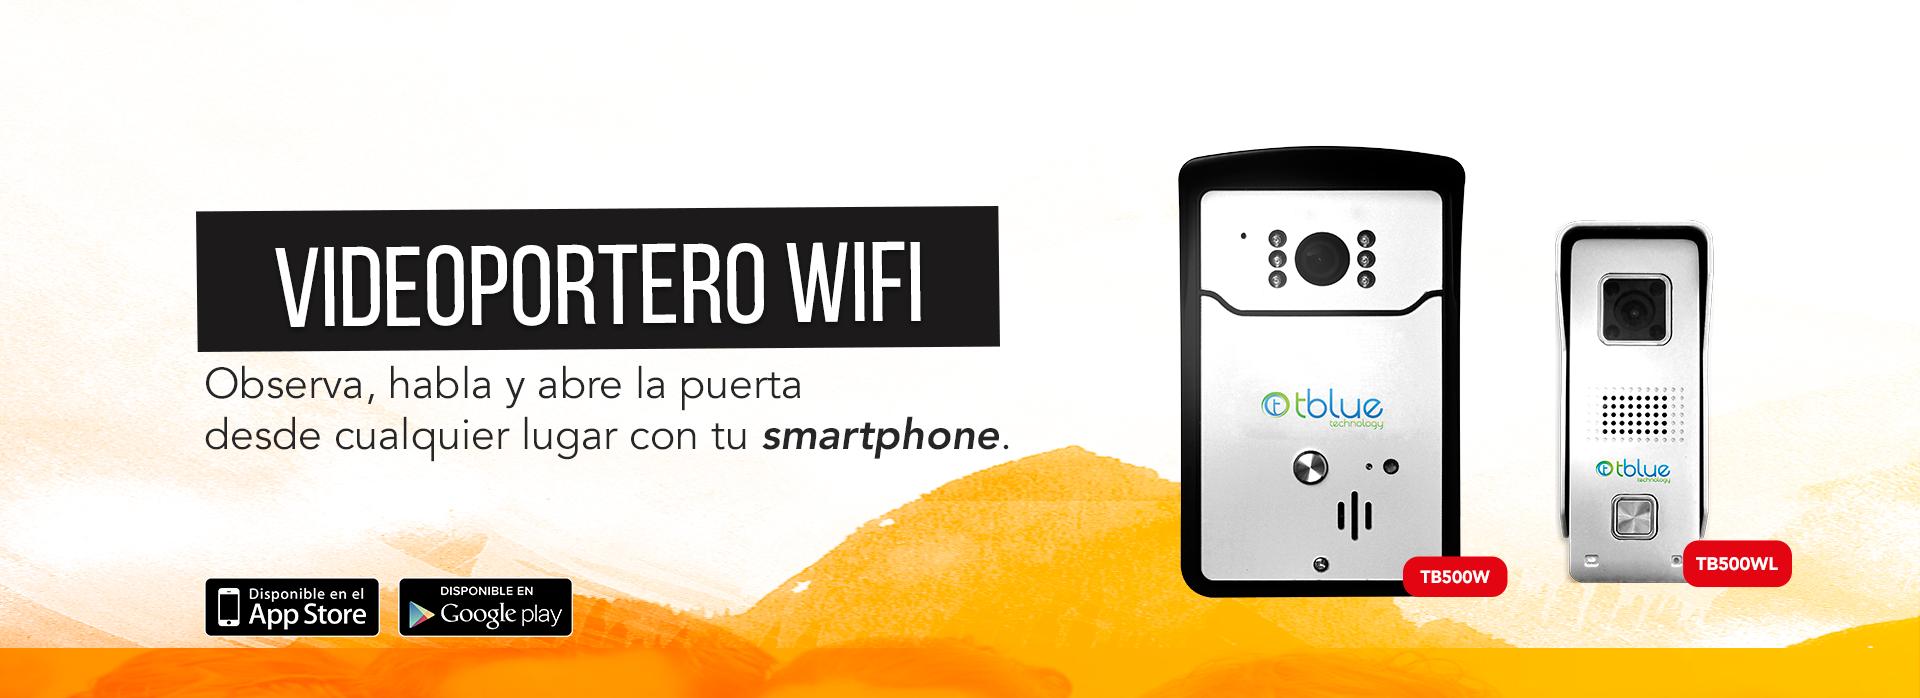 CRCdeMexico.com.mx Productos para tu seguridad